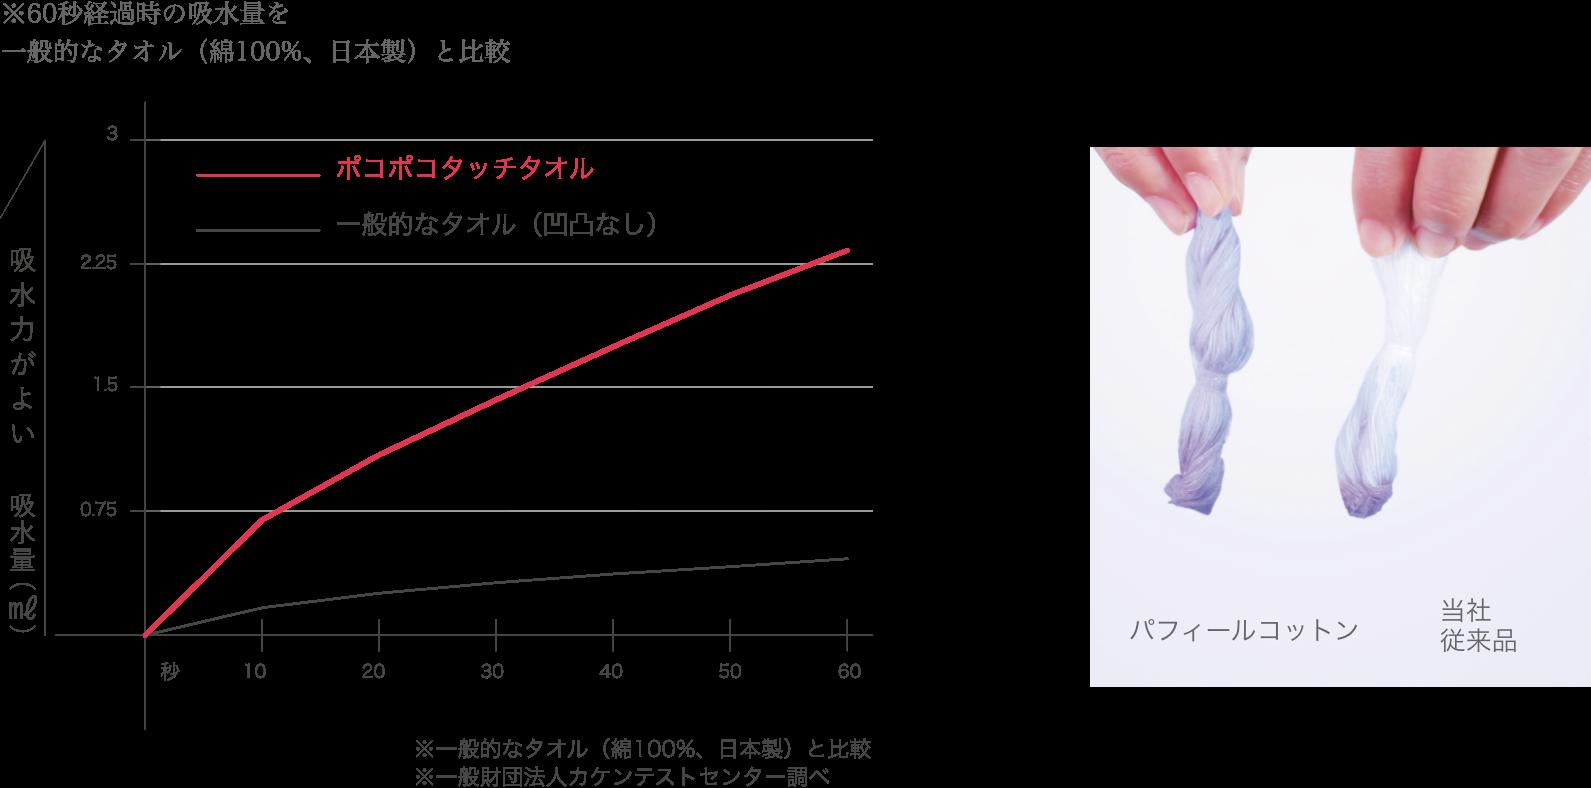 ポコポコタッチタオルは、吸水力が一般的なタオルの約5倍